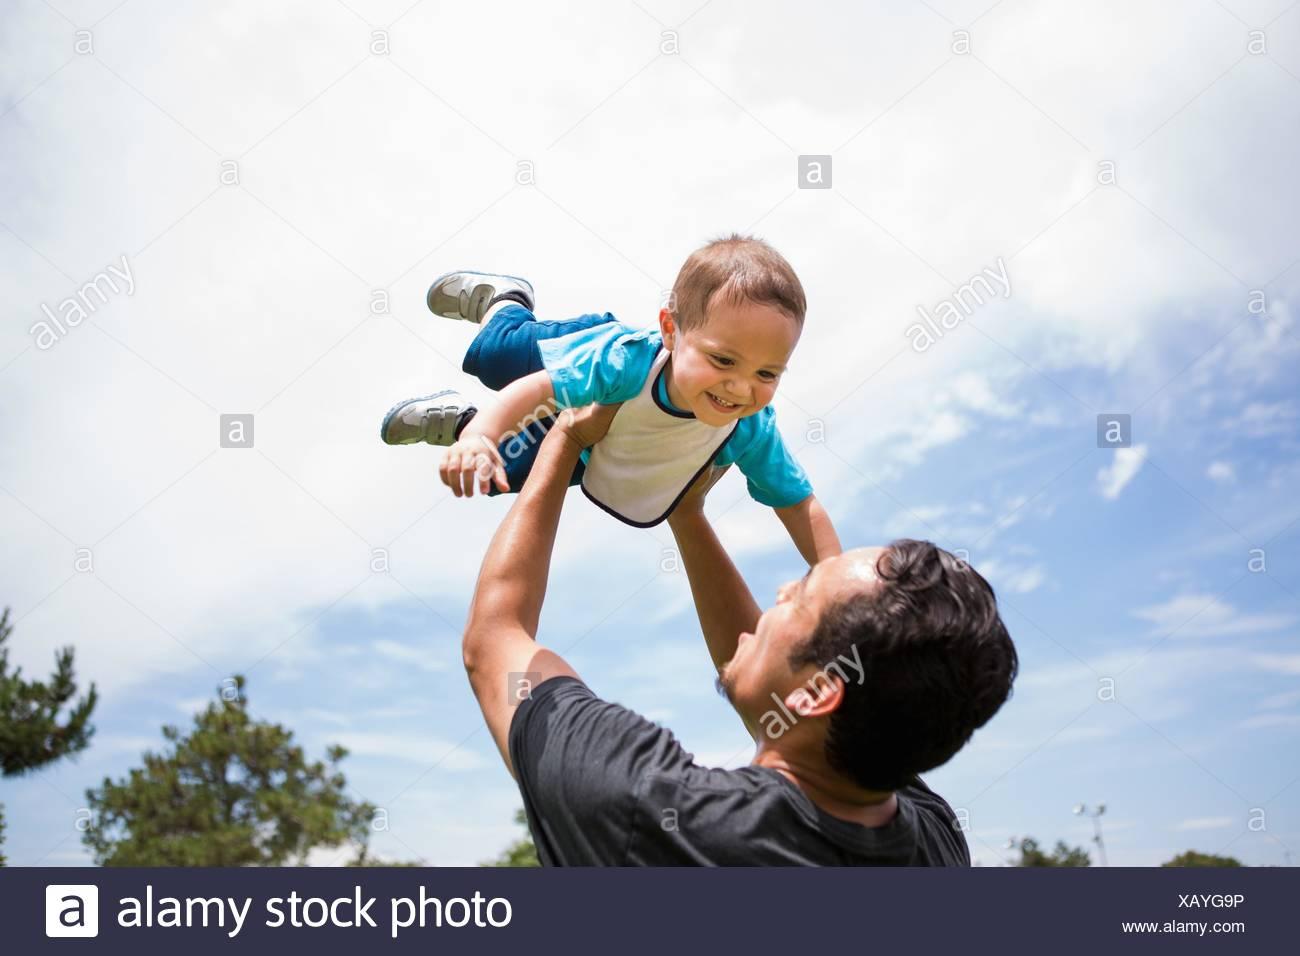 Junger Mann hob Kleinkind Bruder im Park zu spielen Stockbild